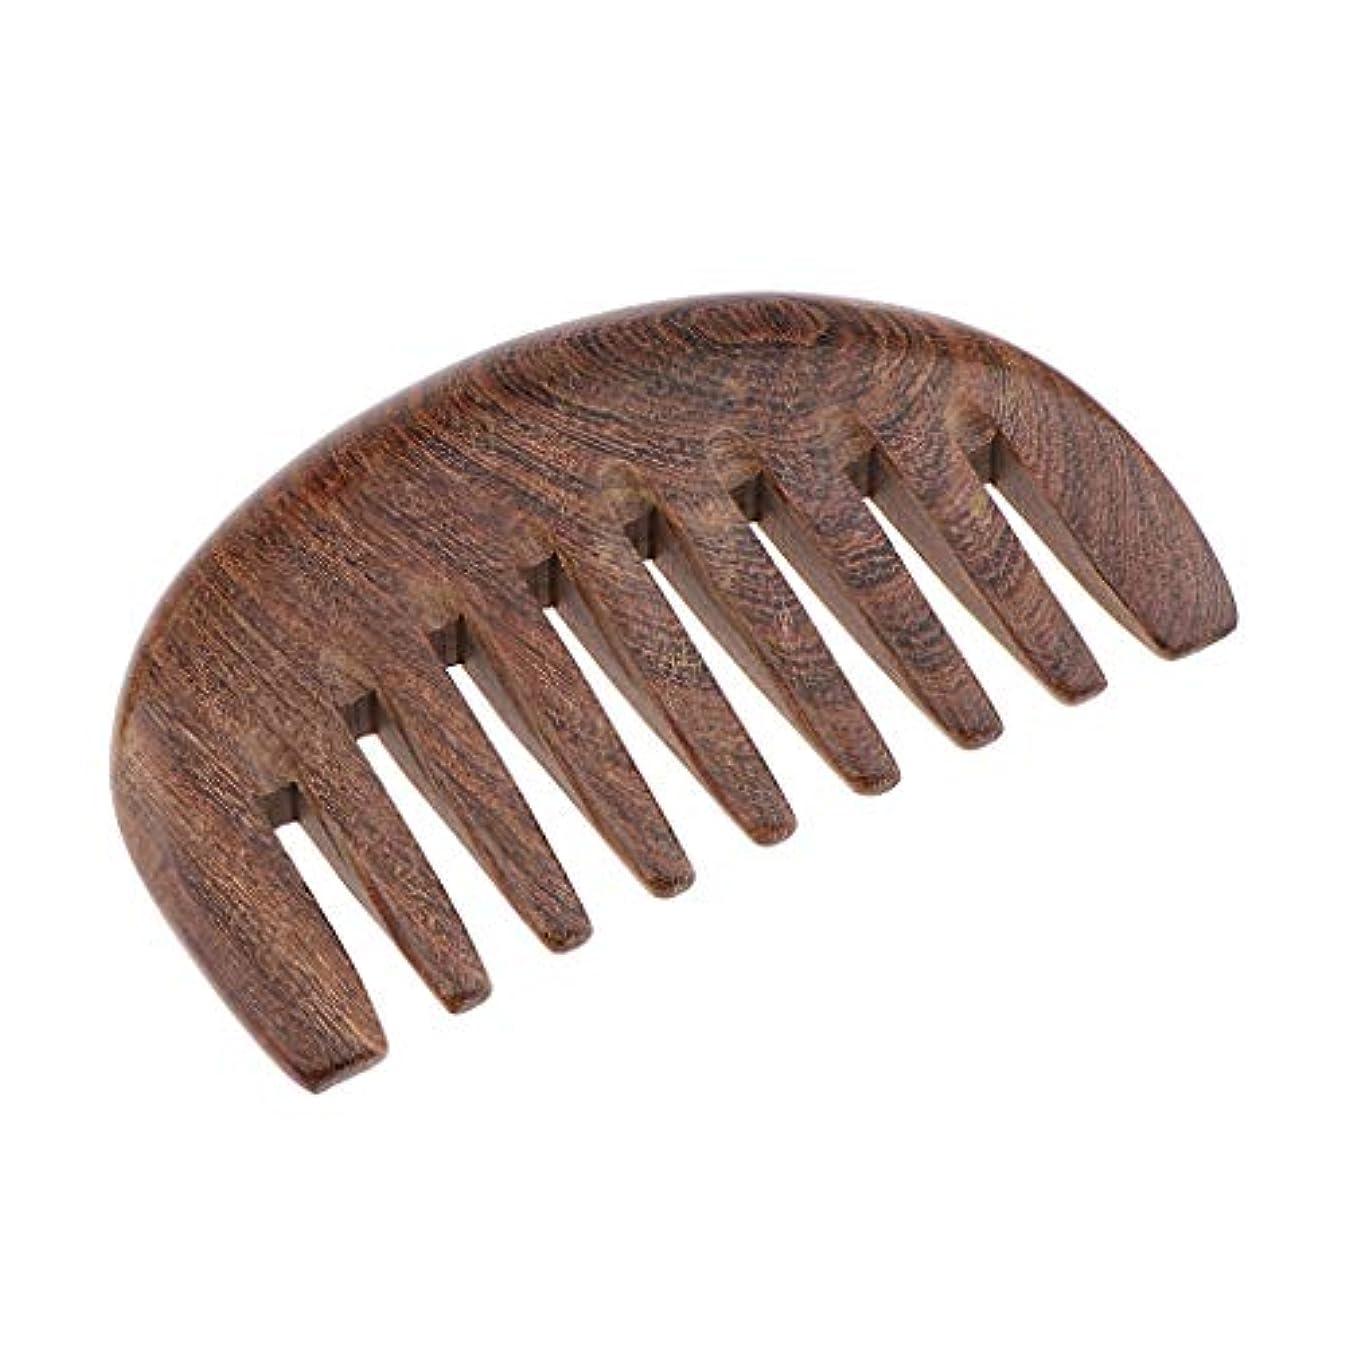 能力普通に興奮木製櫛 ヘアブラシ 帯電防止櫛 人間工学 3色選べ - クロロフォラ